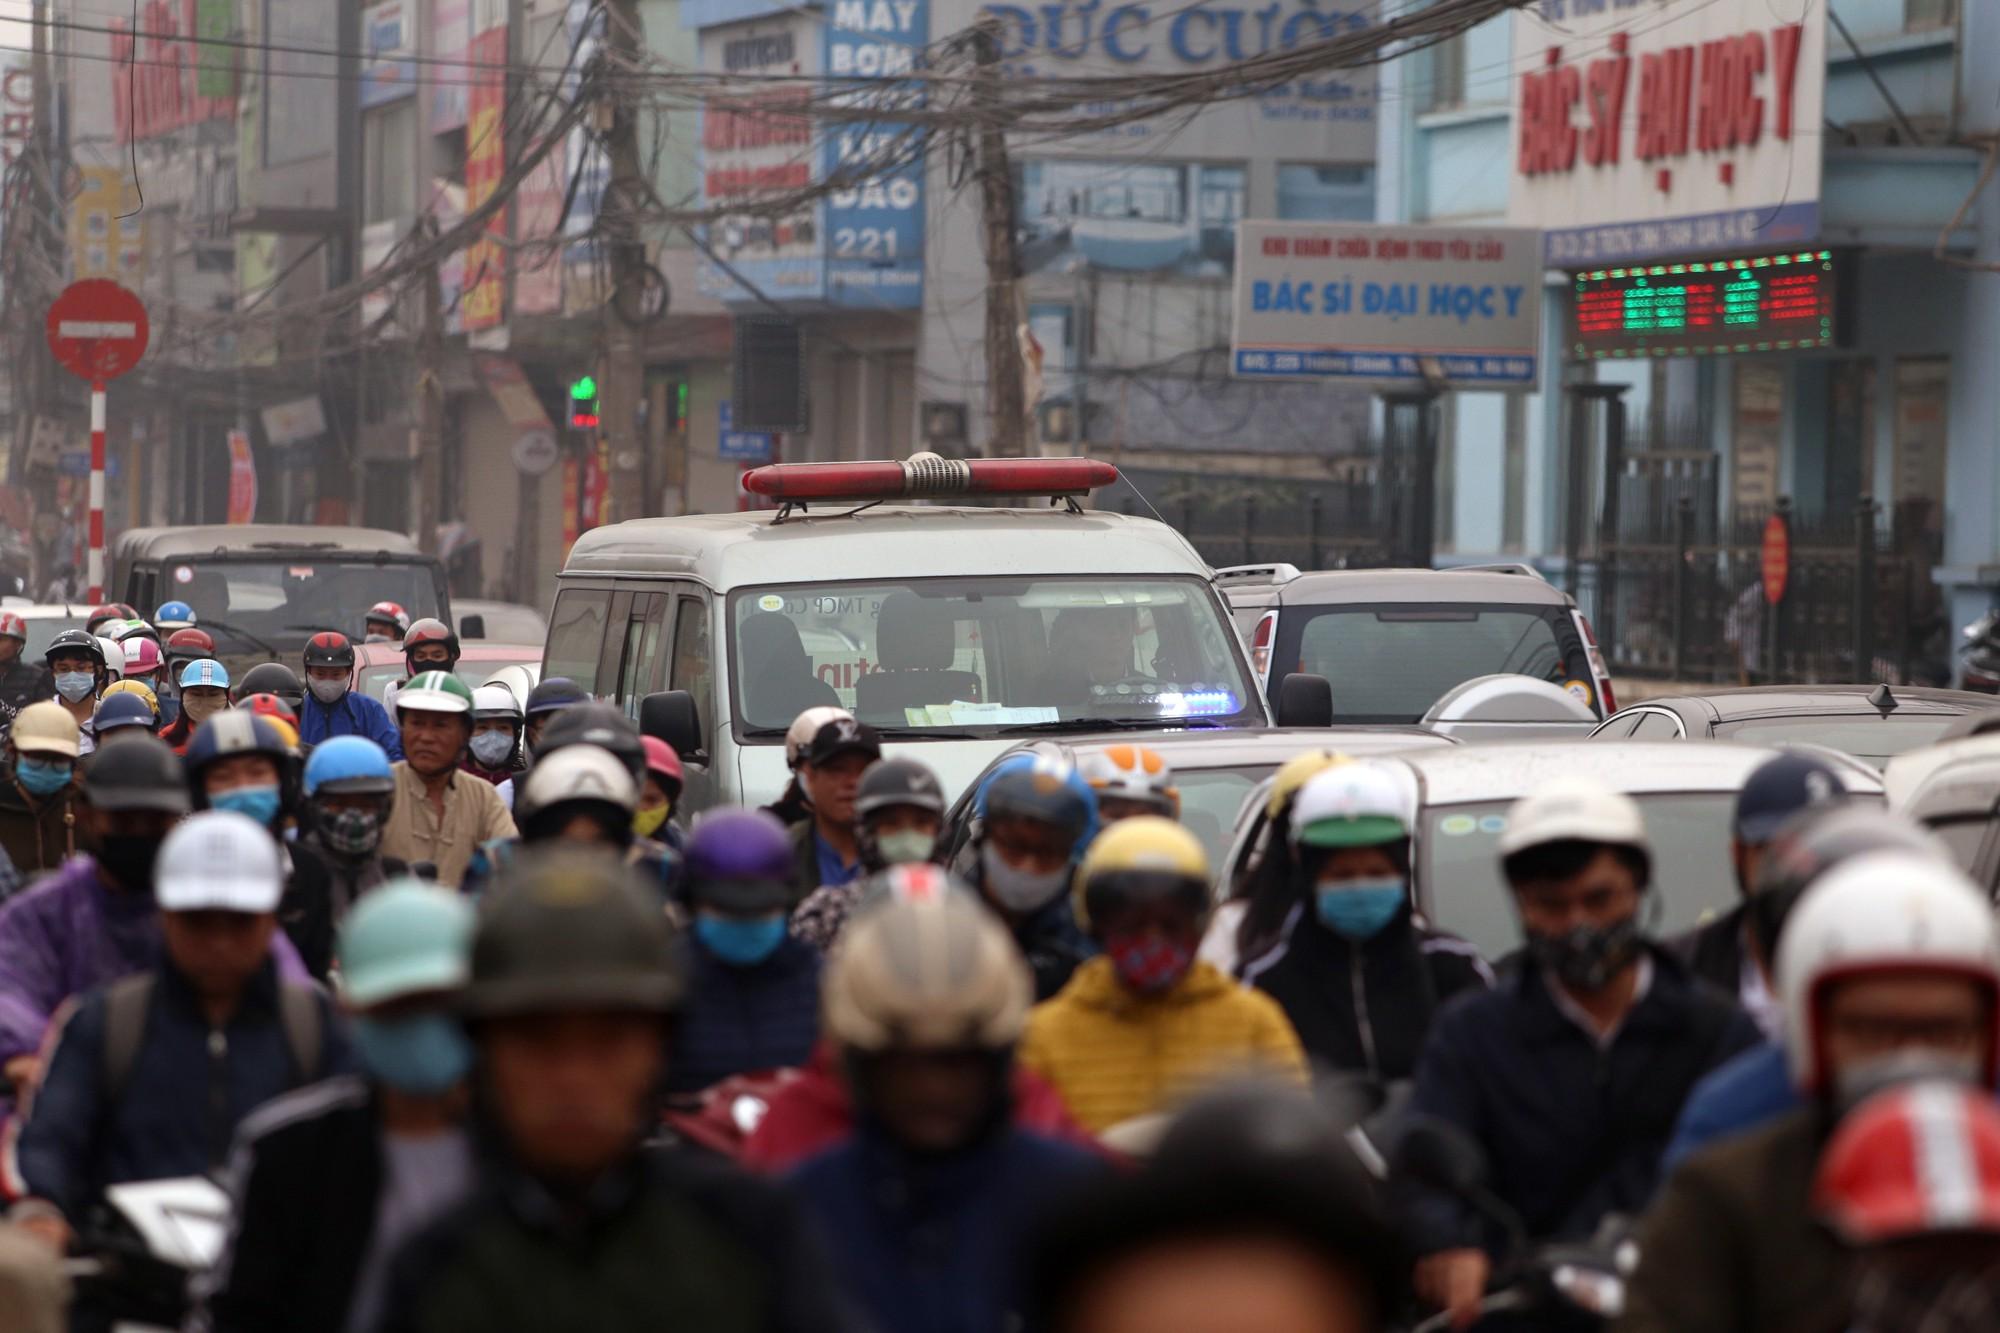 Hà Nội: Xe máy khốn khổ ở đường Trường Chinh - Ảnh 8.